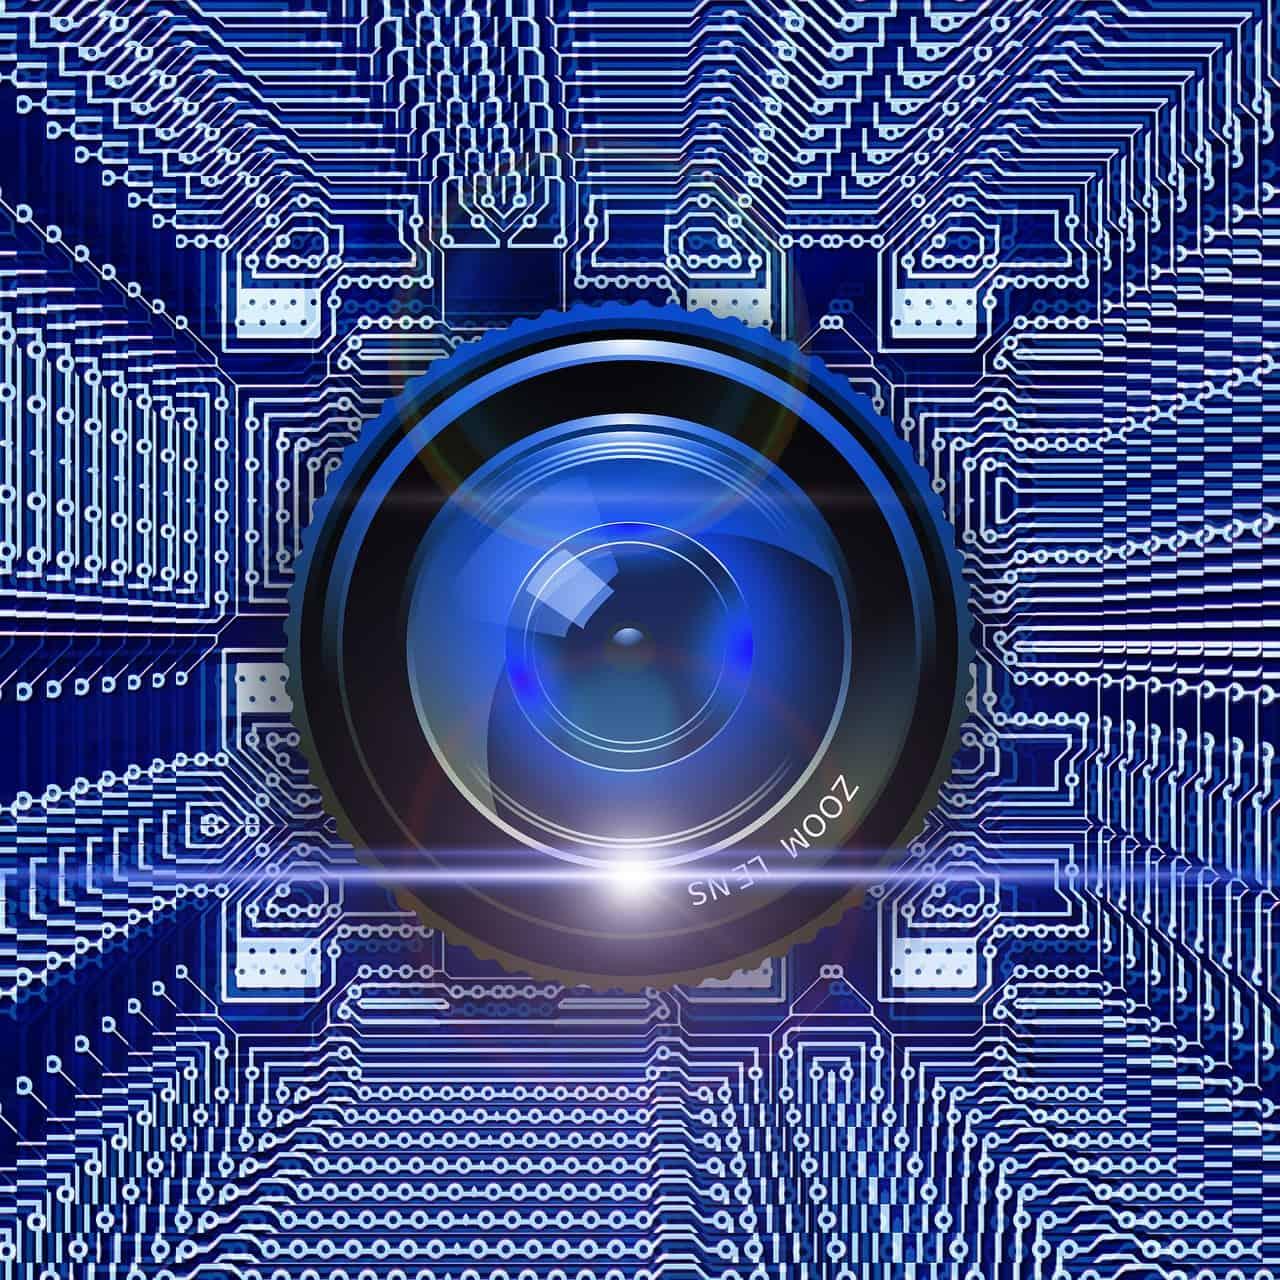 הדשה של מצלמה